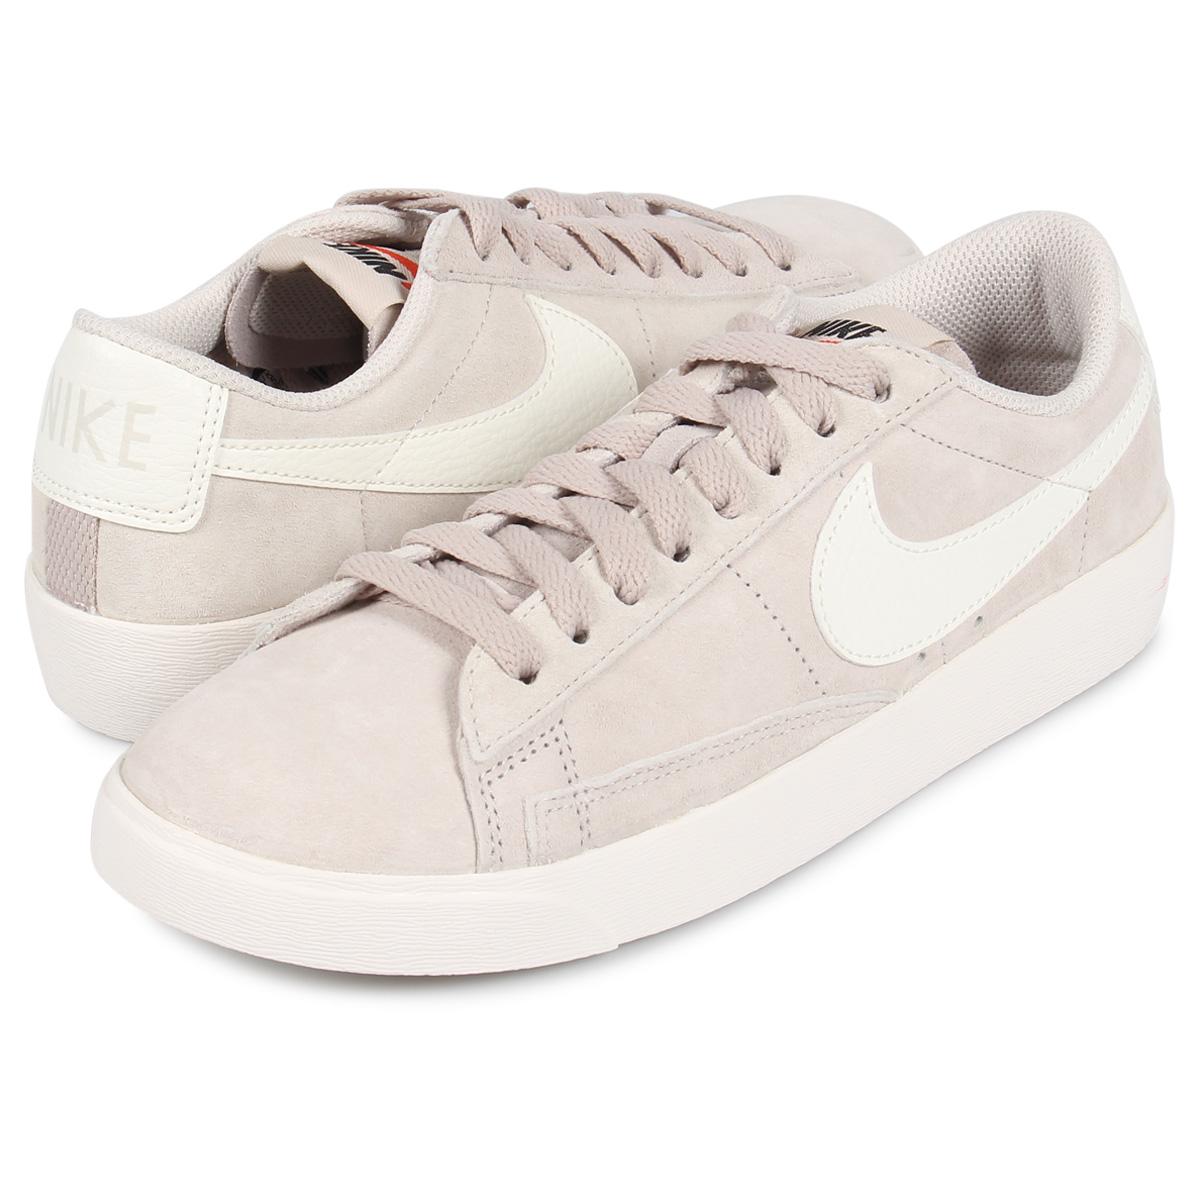 pretty nice f4ac6 b4f67 Nike NIKE blazer low sneakers Lady's WMNS BLAZER LOW SD beige AV9373-002  [7/26 Shinnyu load]